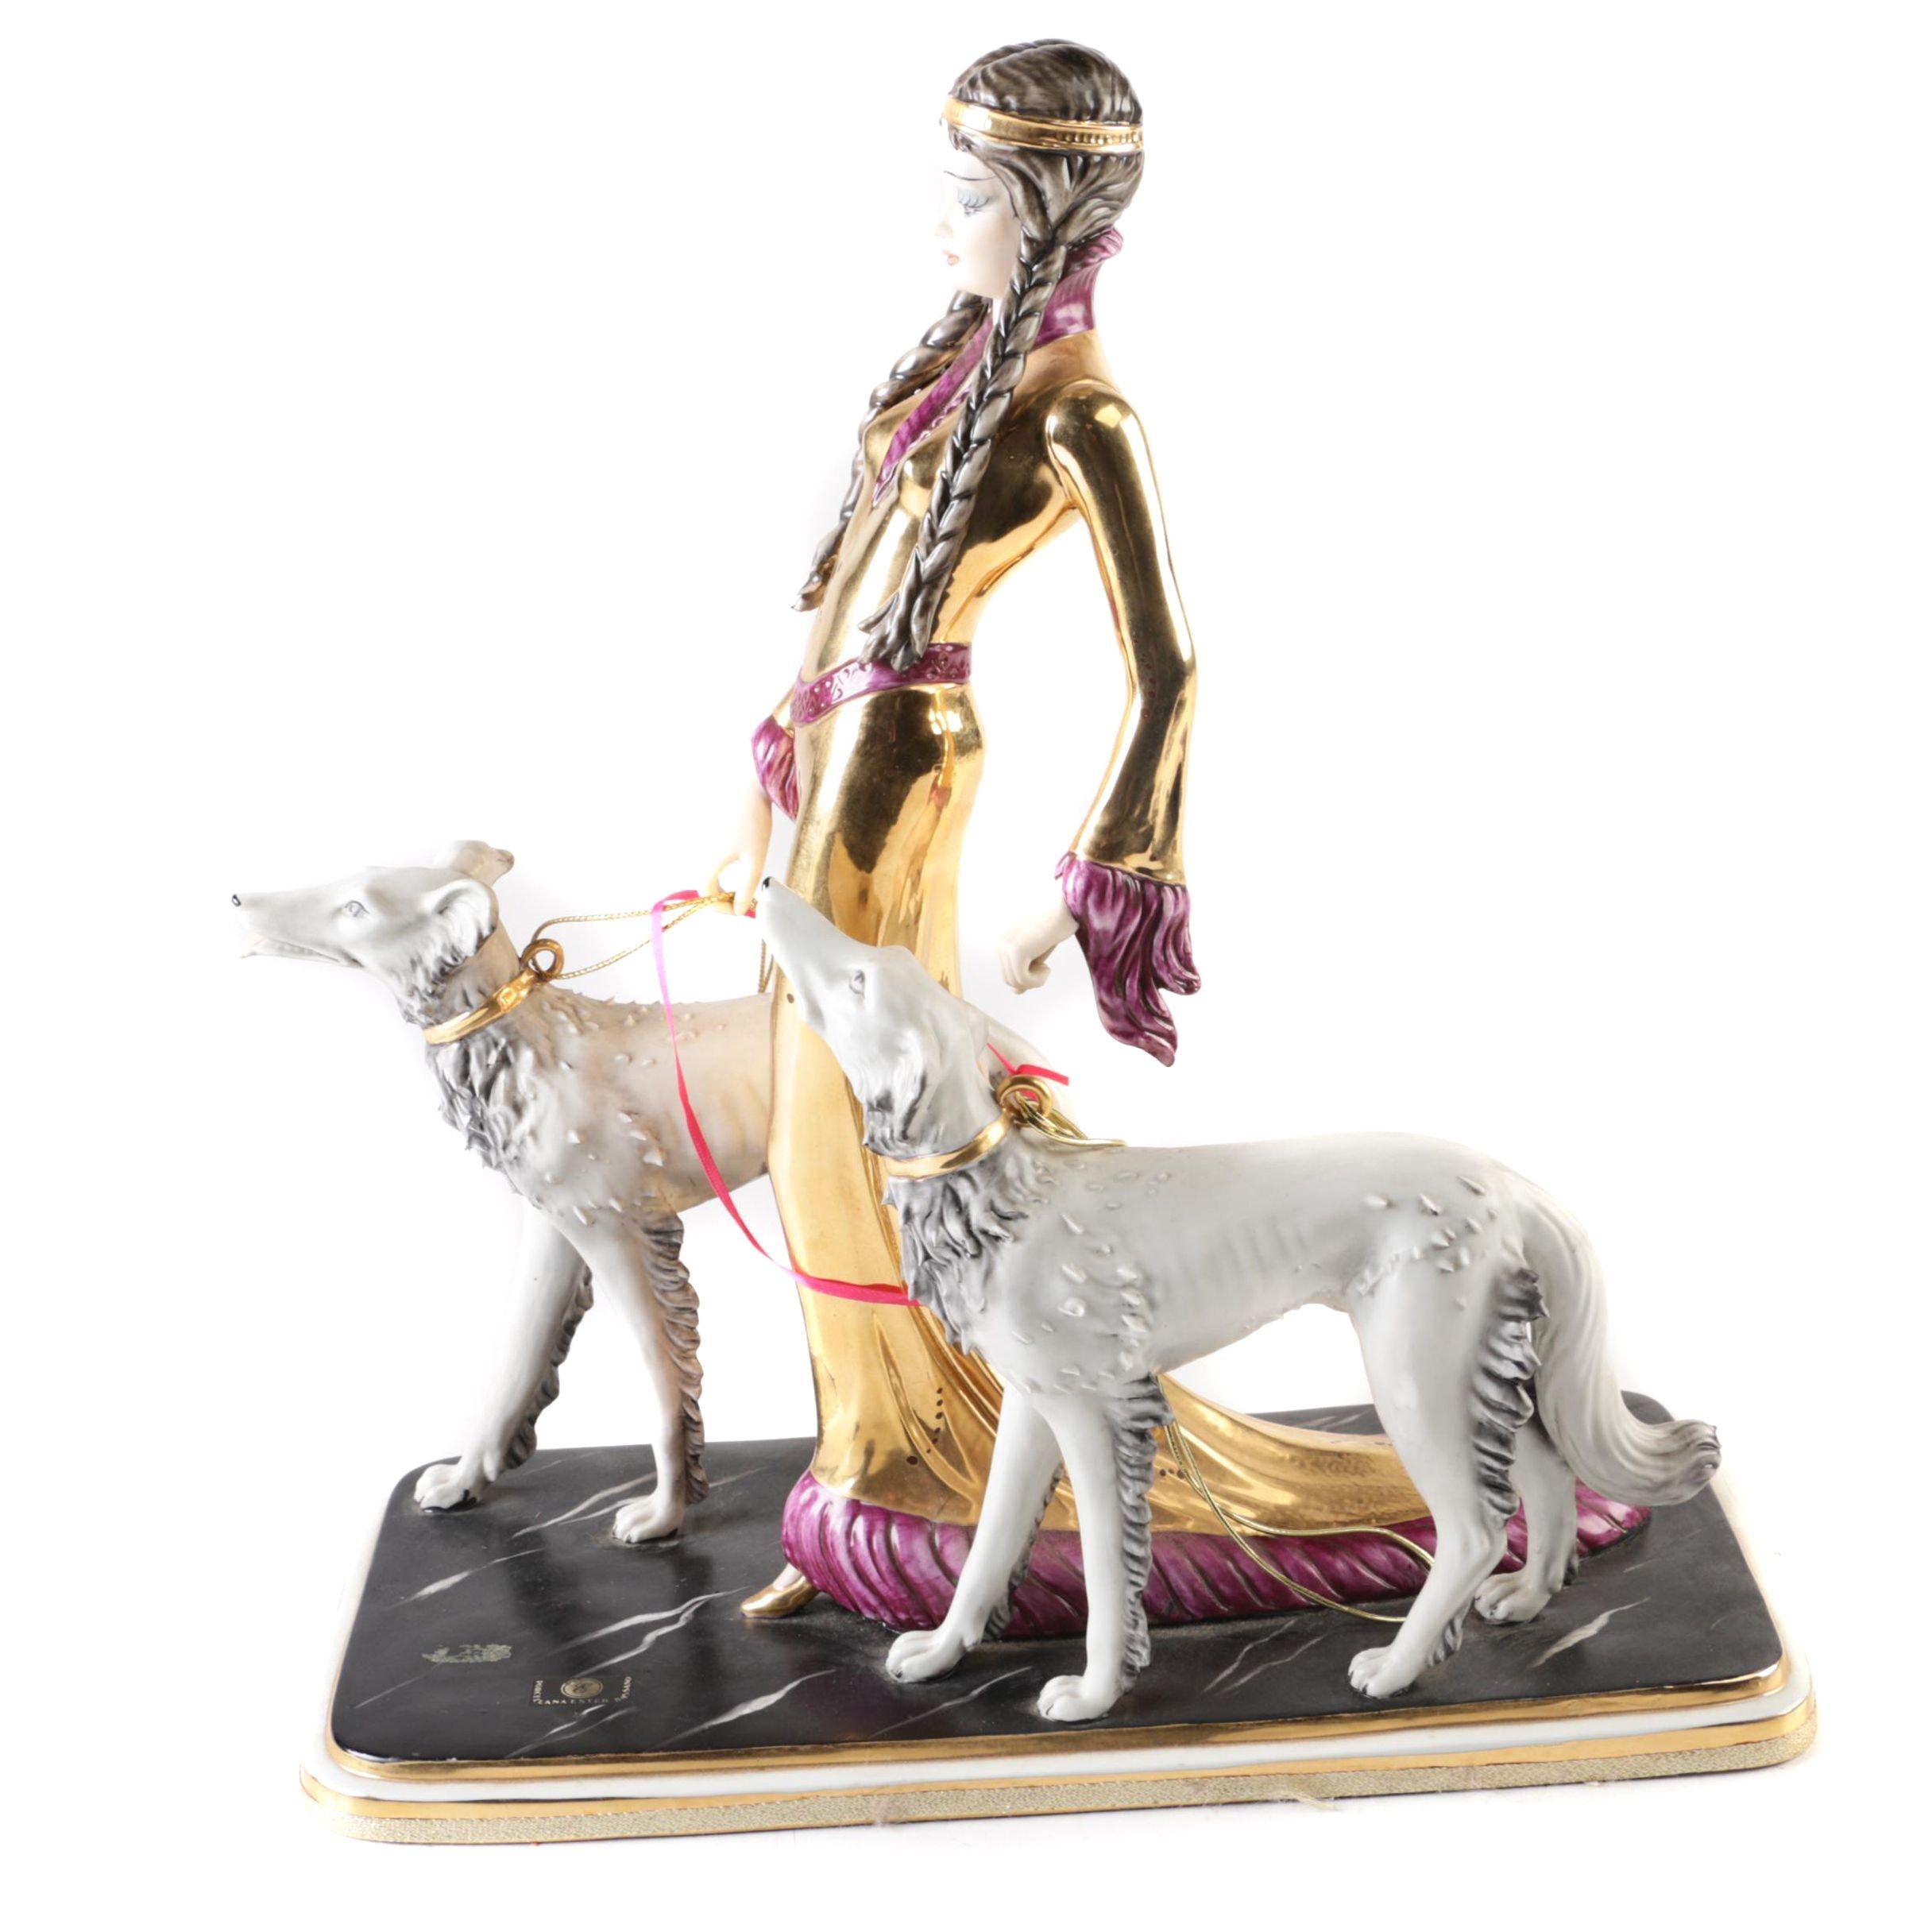 Capodimonte Porcellana Ester Bassano Figurine